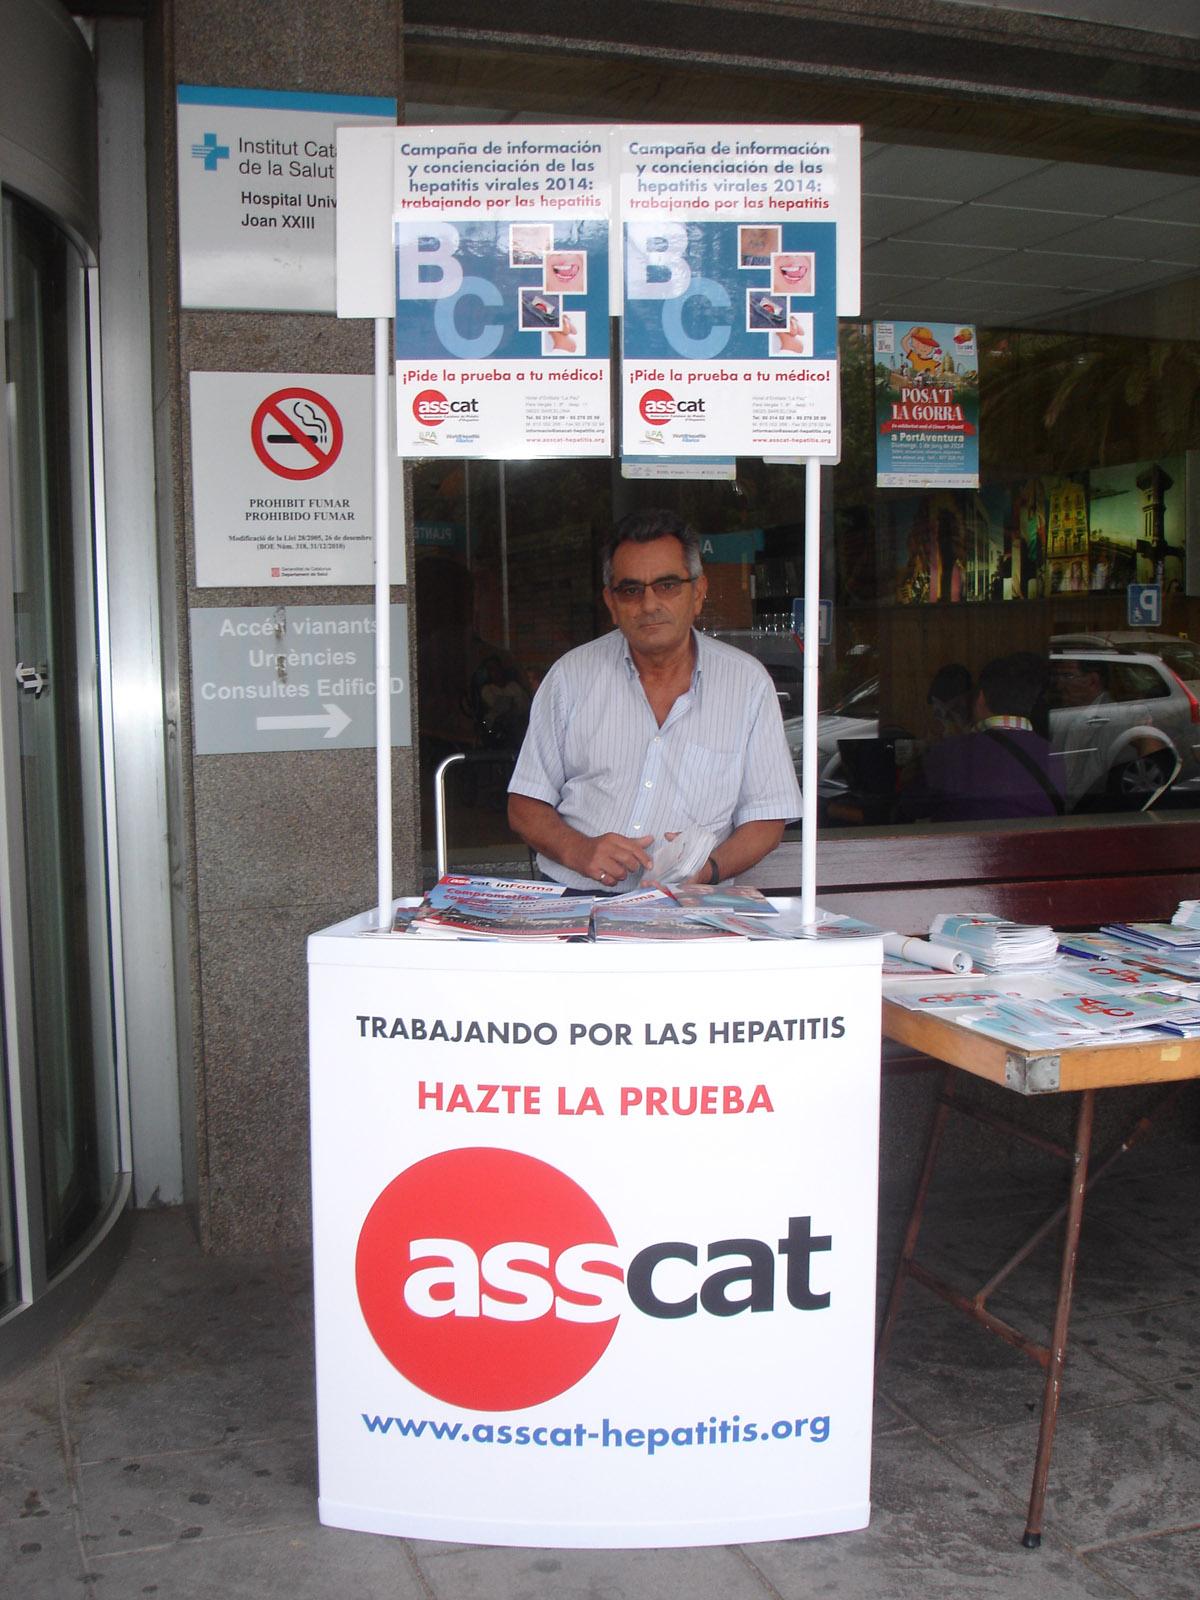 Pedro Santamaría Fuente: Pedro Santamaría / ASSCAT